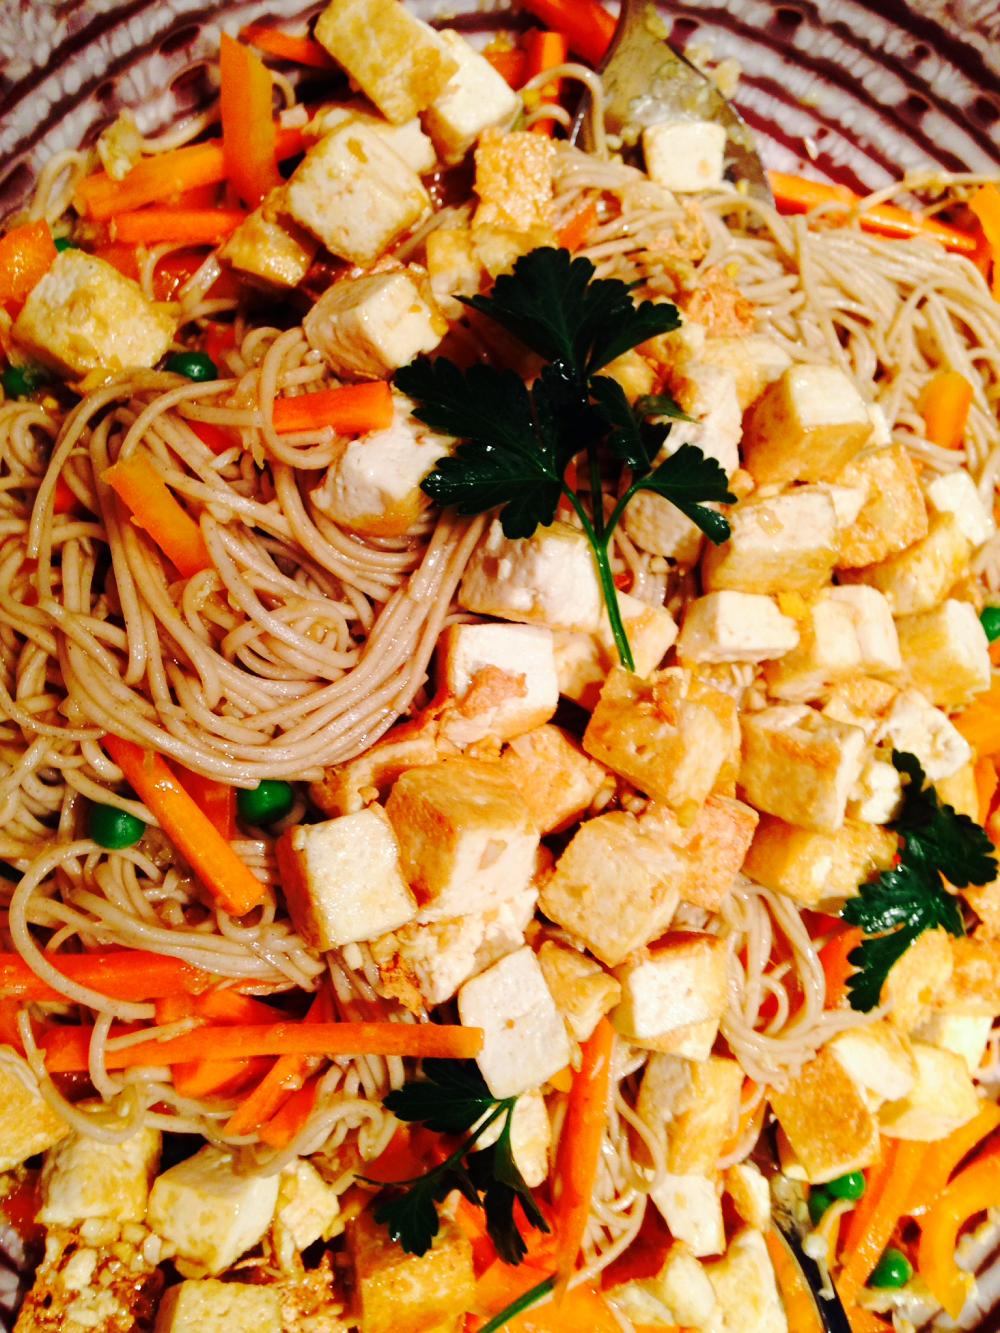 Teriyaki Tofu and Veggies with Soba Noodles